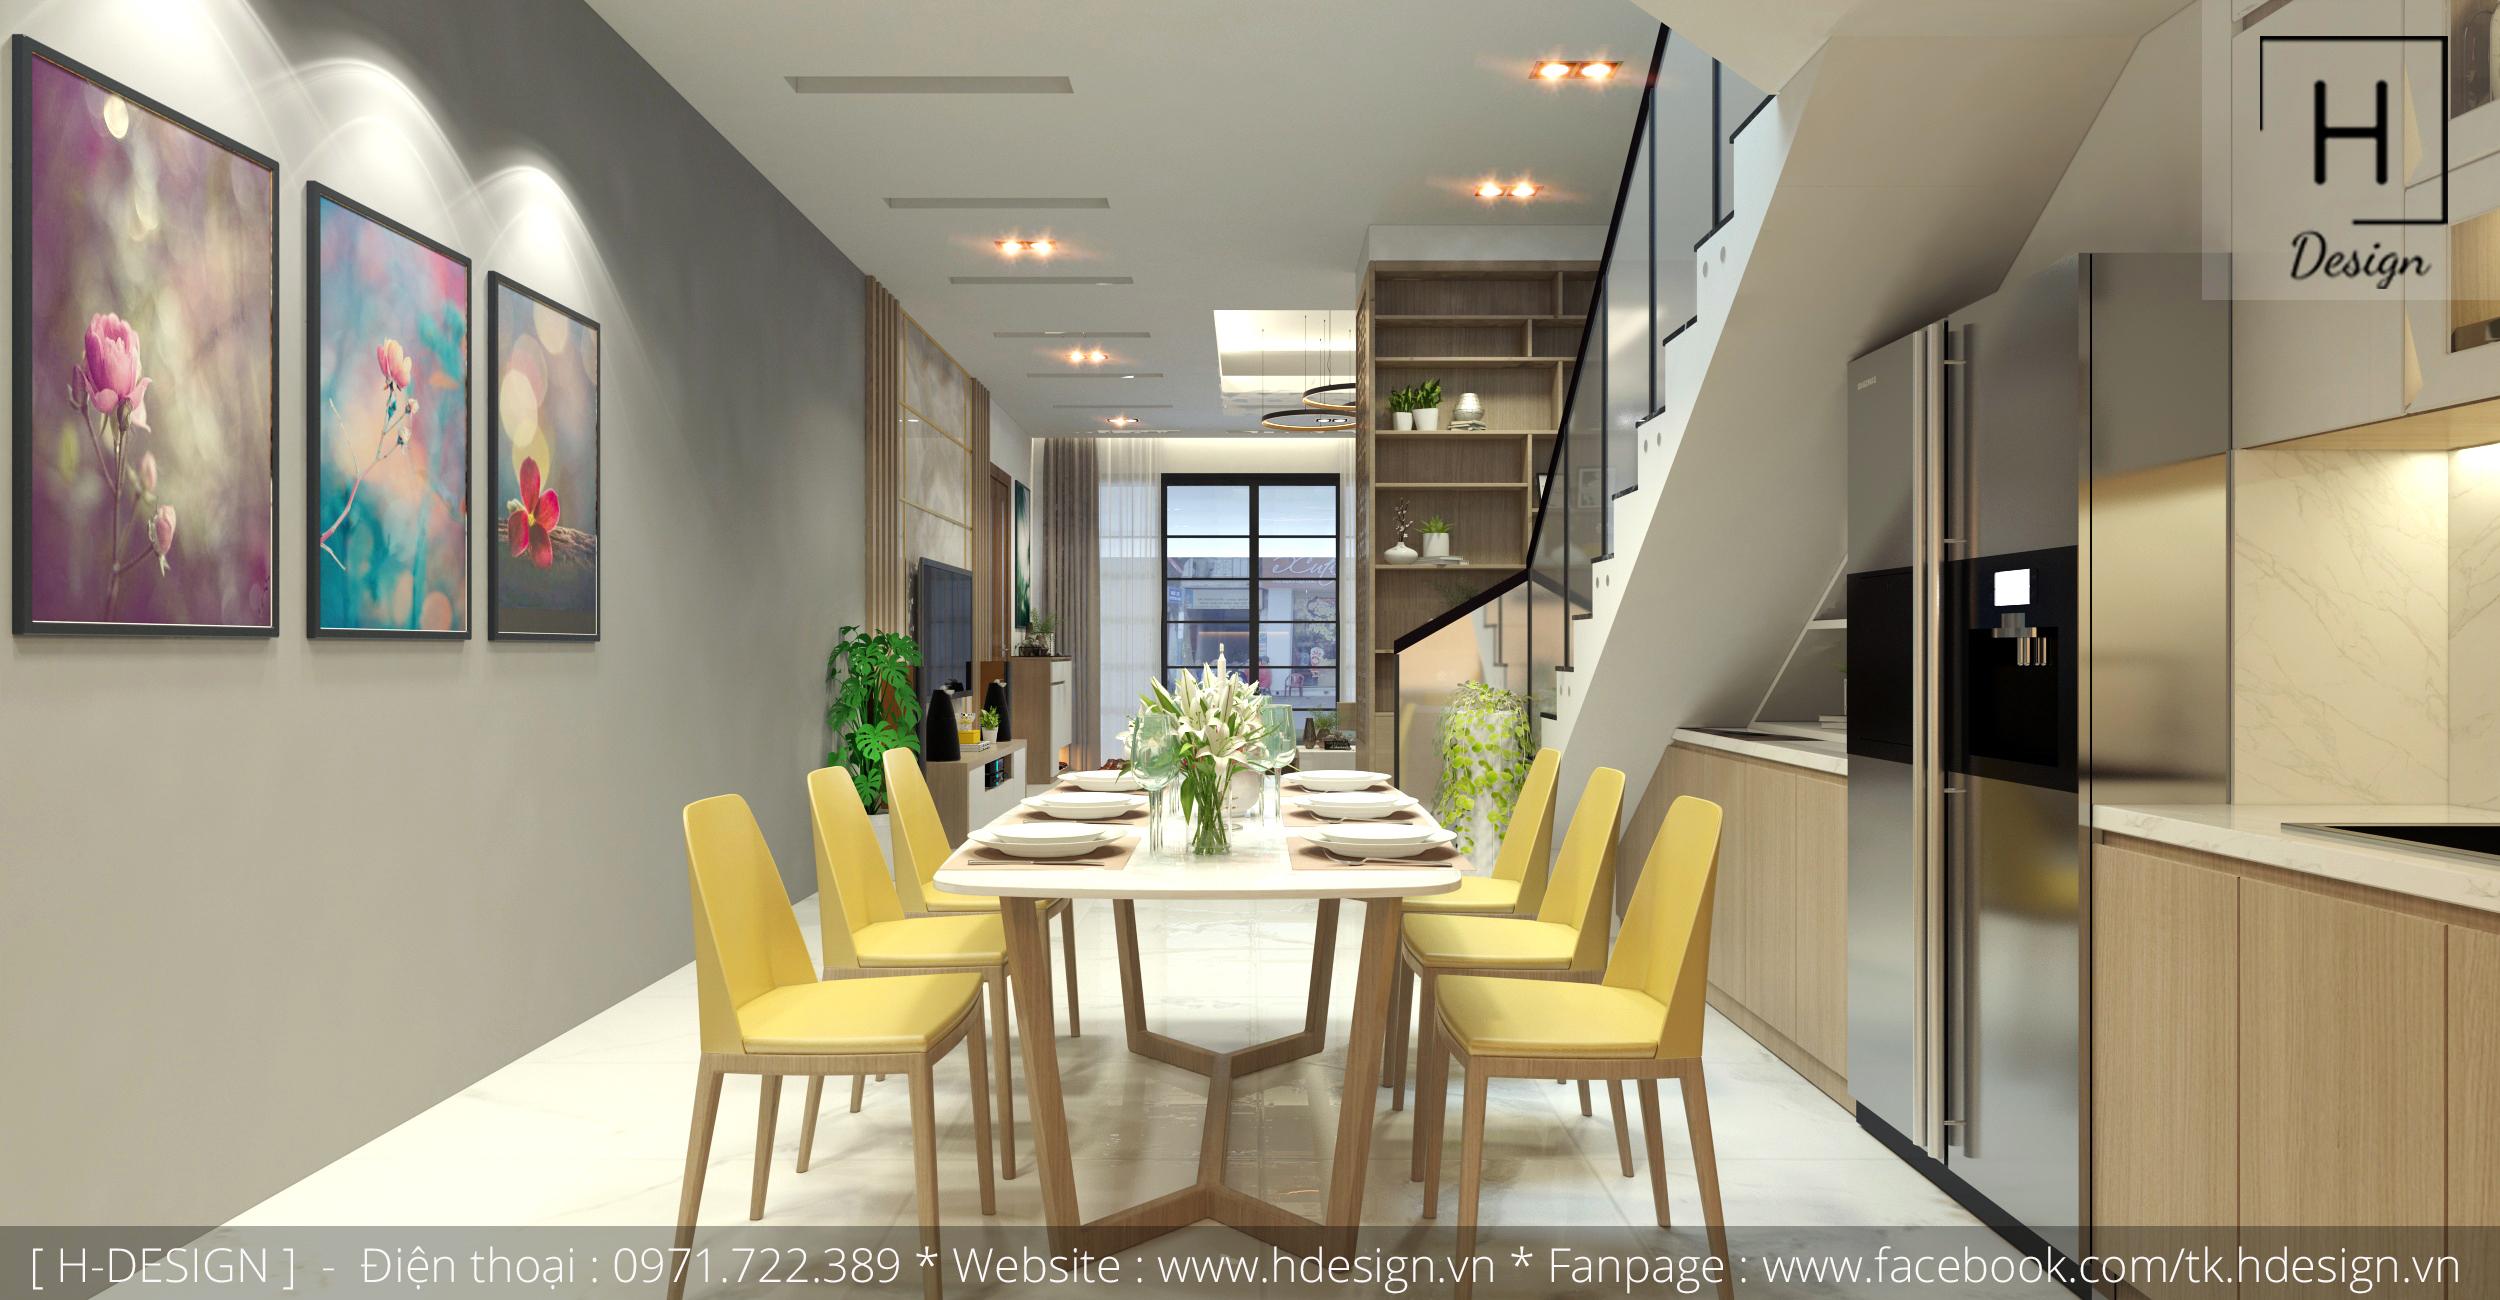 Thiết kế thi công nội thất nhà phố đẹp tại Mễ Trì - Hà Nội 8